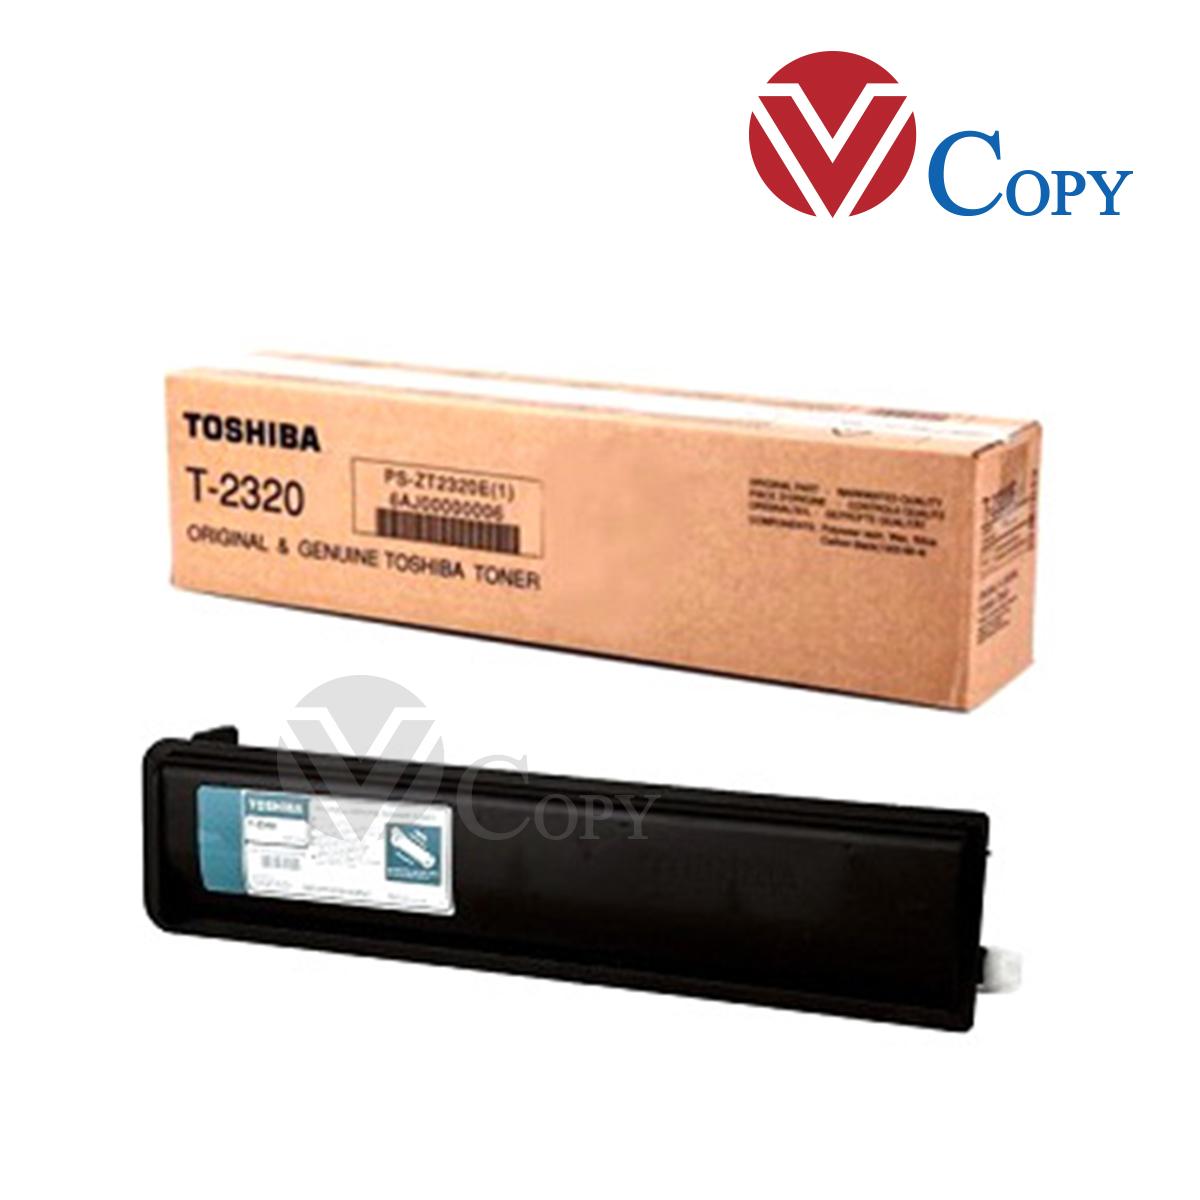 Mực Thương hiệu dùng cho máy photocopy Toshiba 230/280 - T2320-P